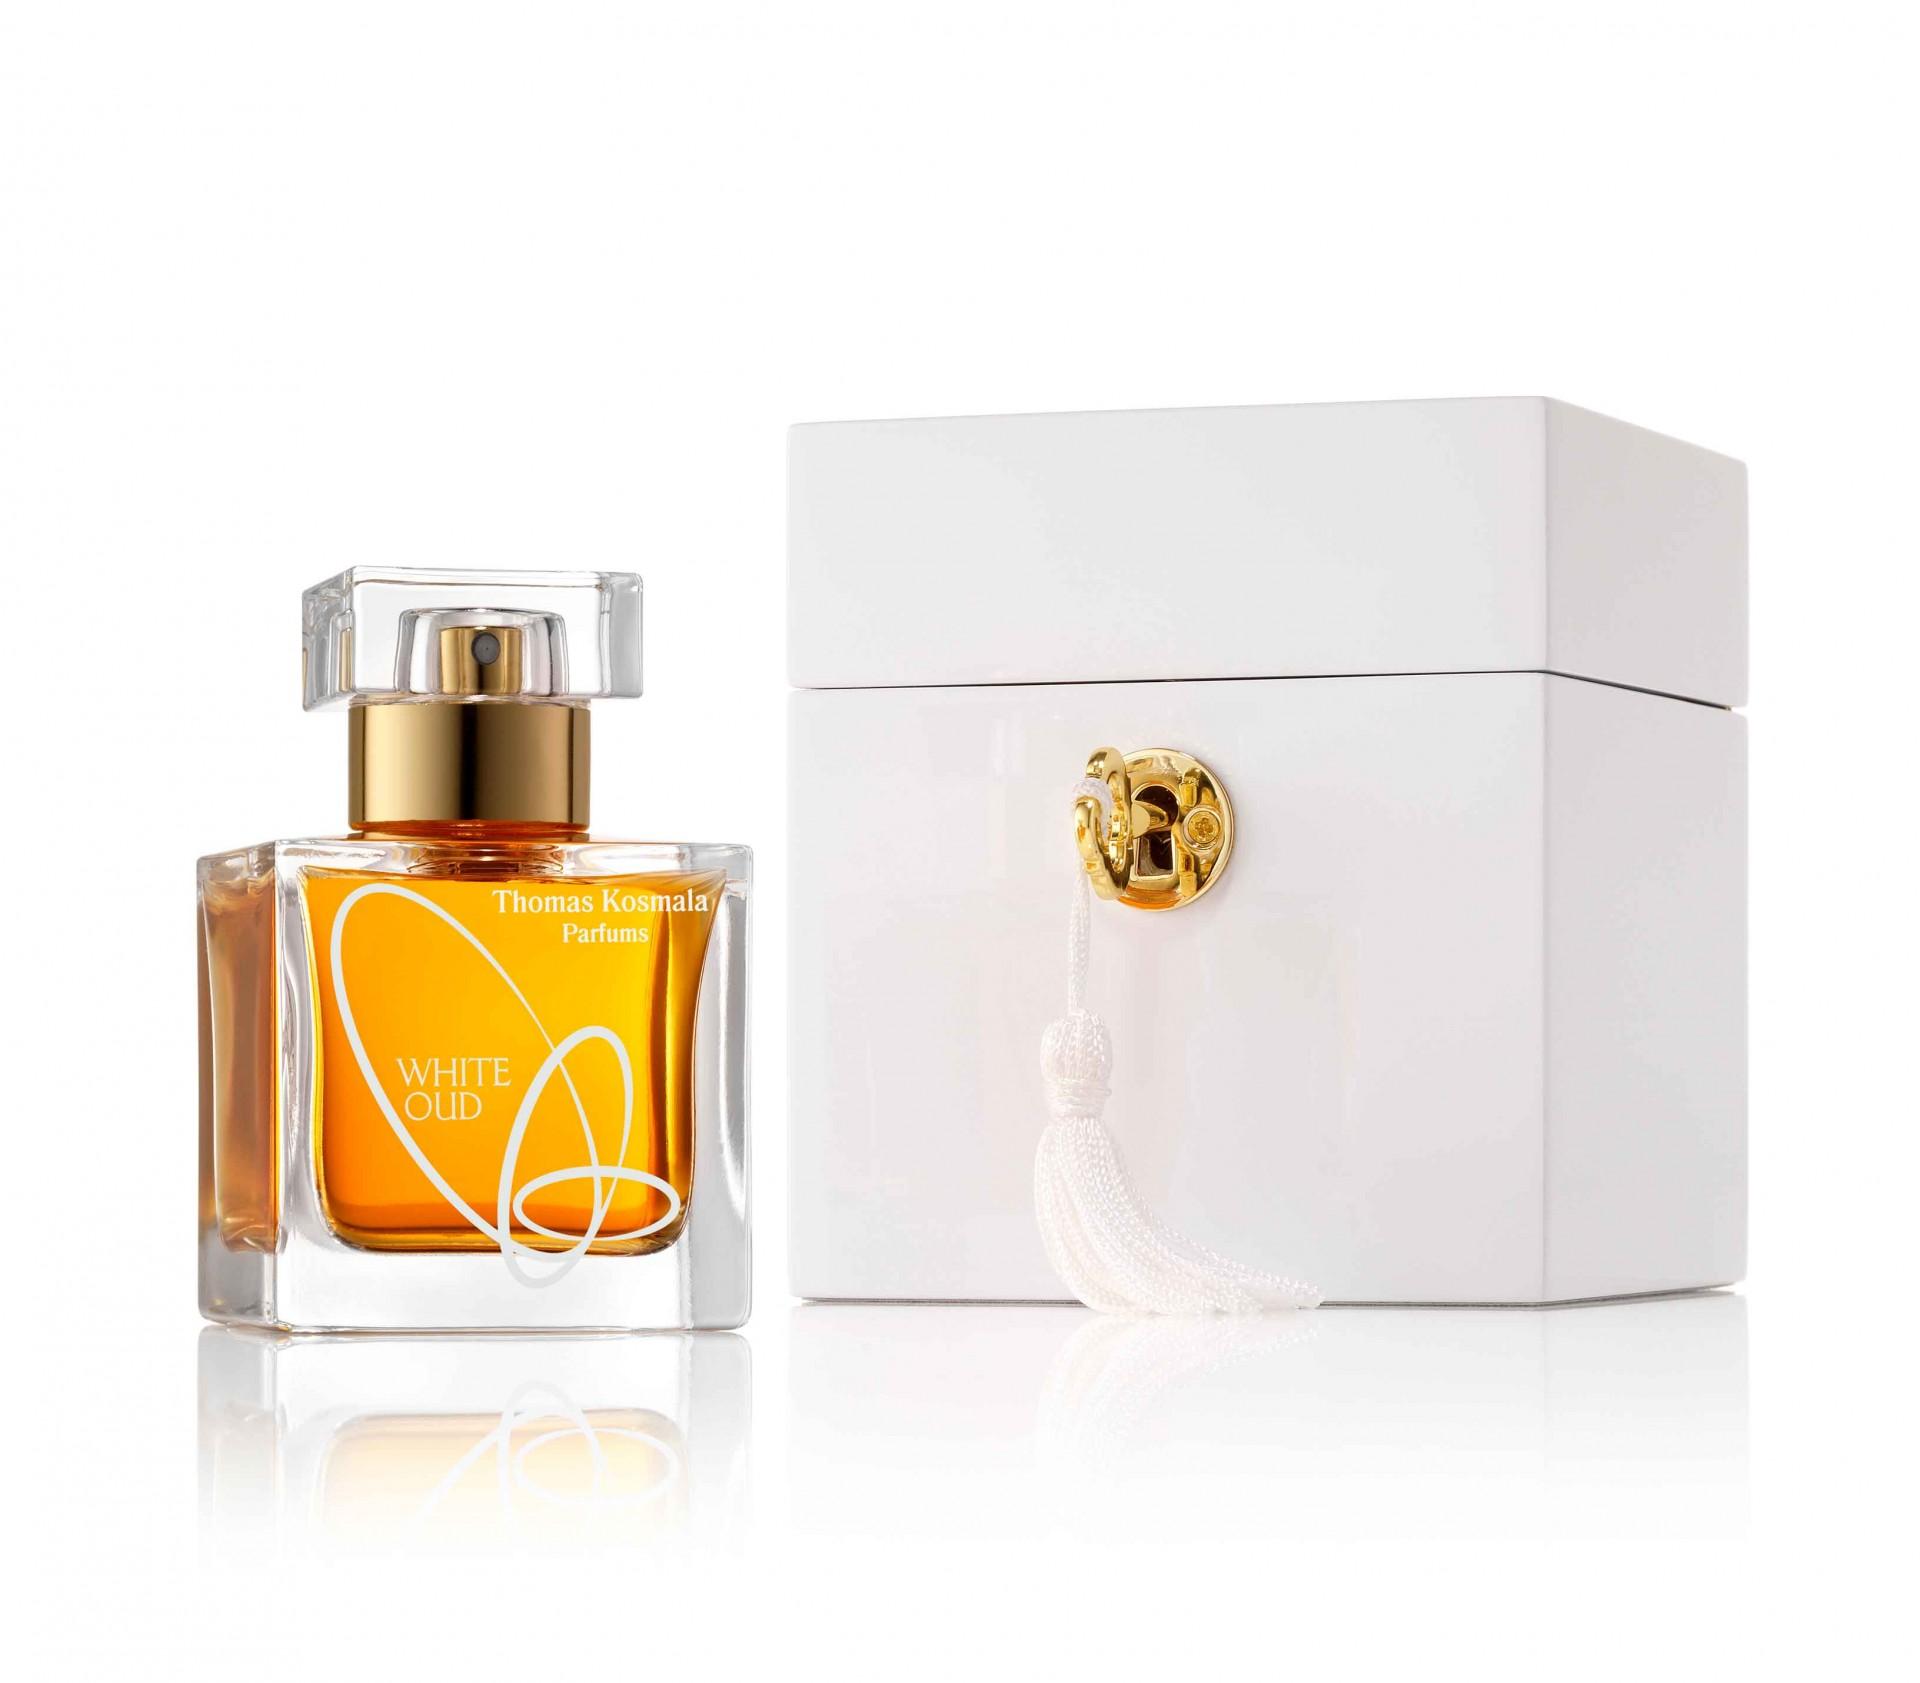 TK-White-Oud-Parfum-50ml-EAN-5060412110006